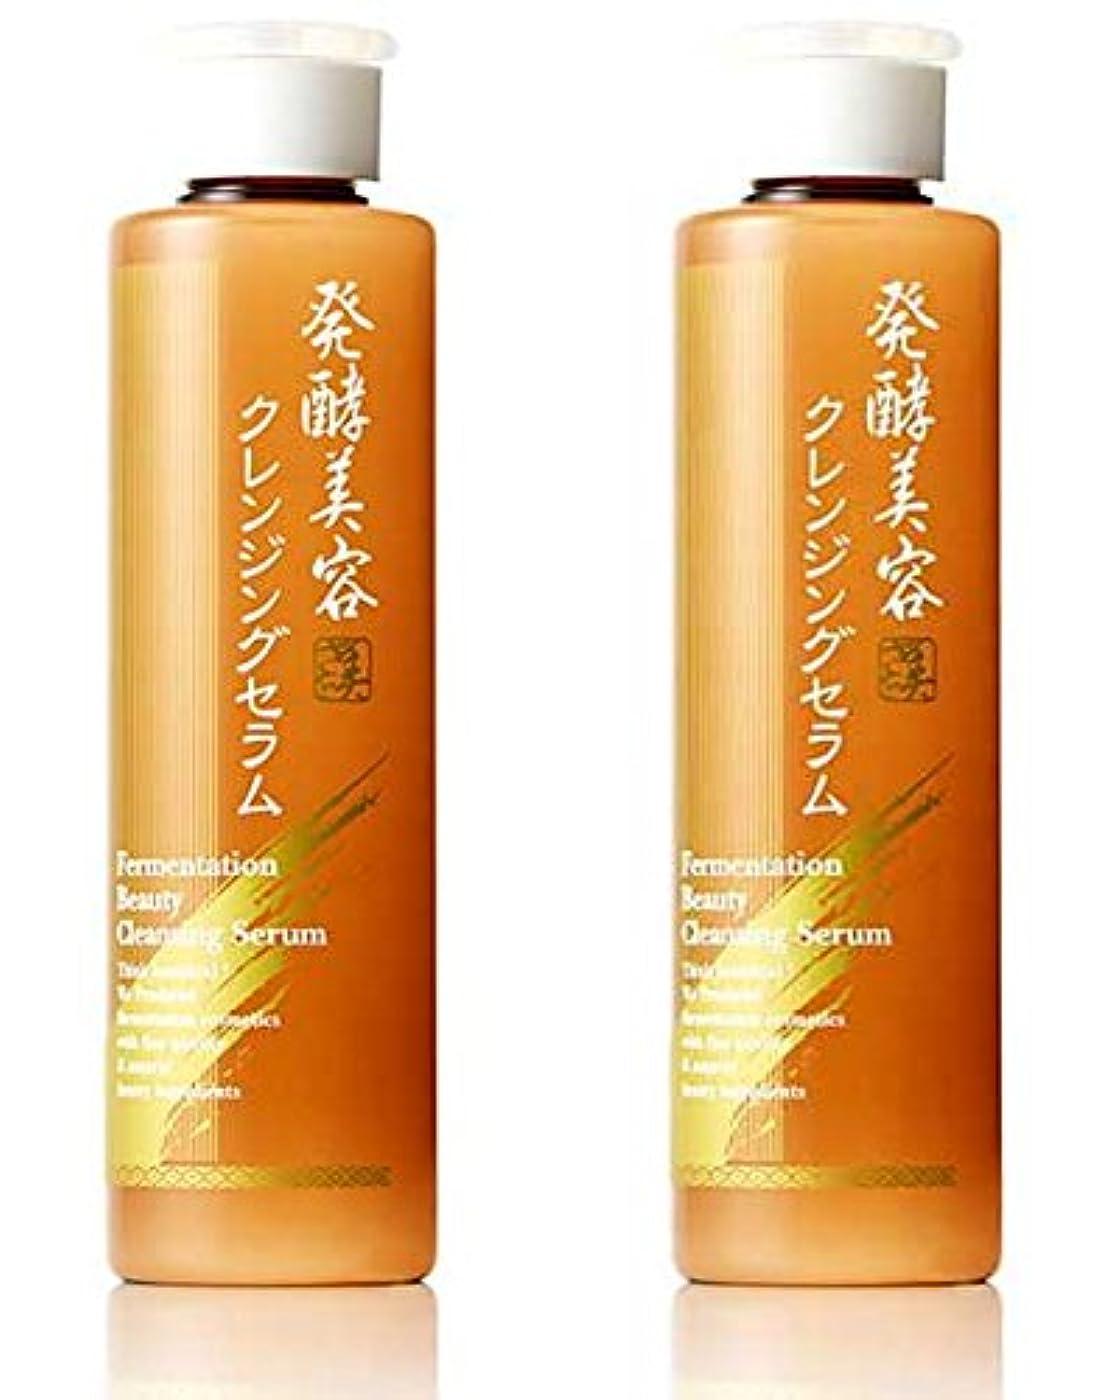 現代の省略するチャネル美さを 発酵美容クレンジングセラム 2個セット(クレンジングウォーター美容液)